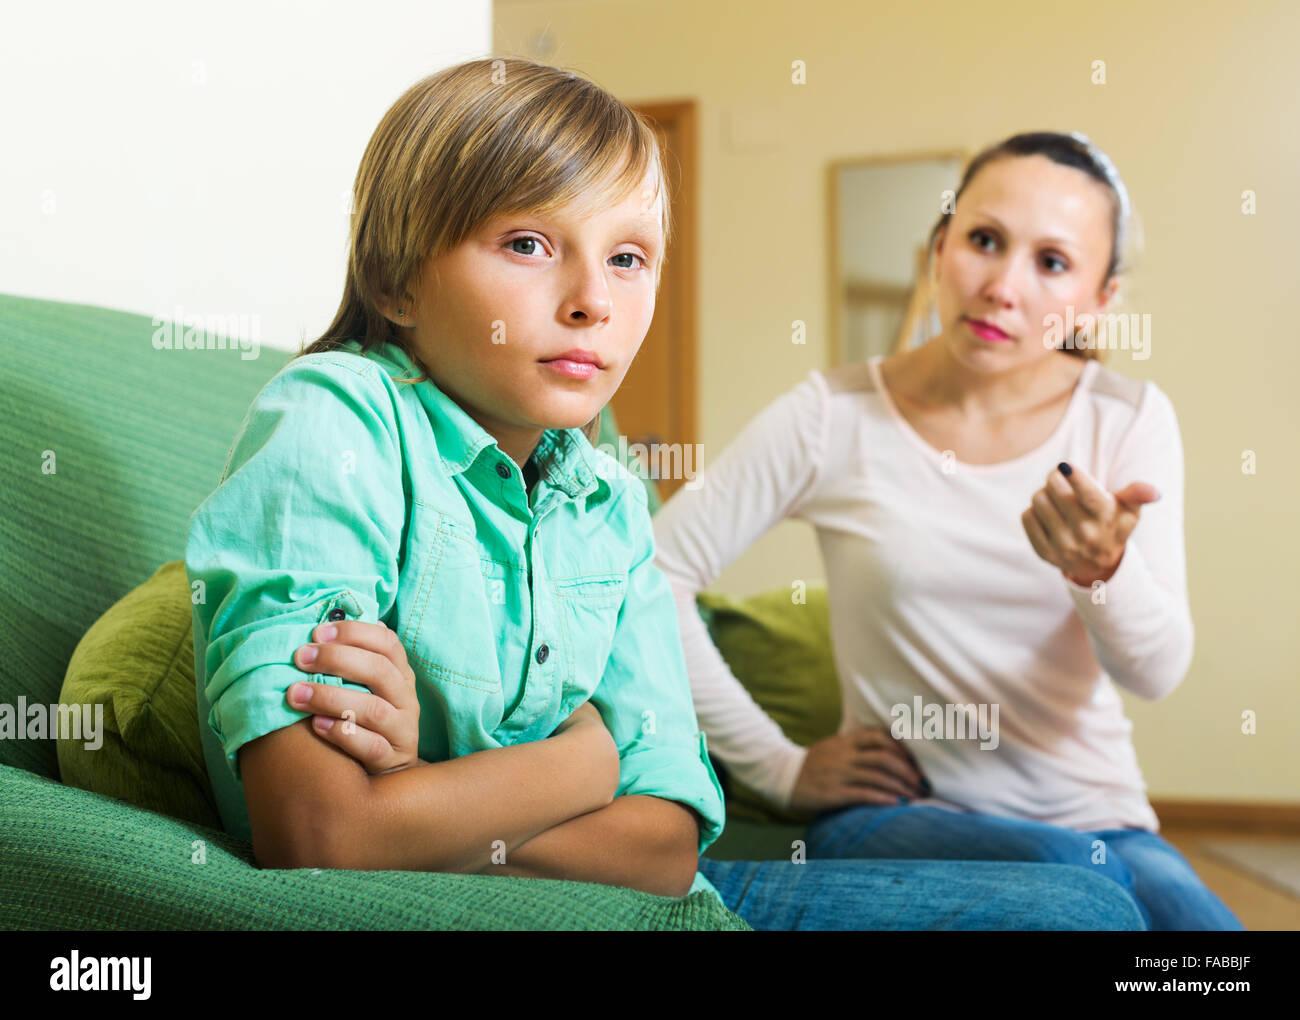 Сын трахает родную мать в жопу, Как сын трахает маму уникальное видео в качестве HD 10 фотография